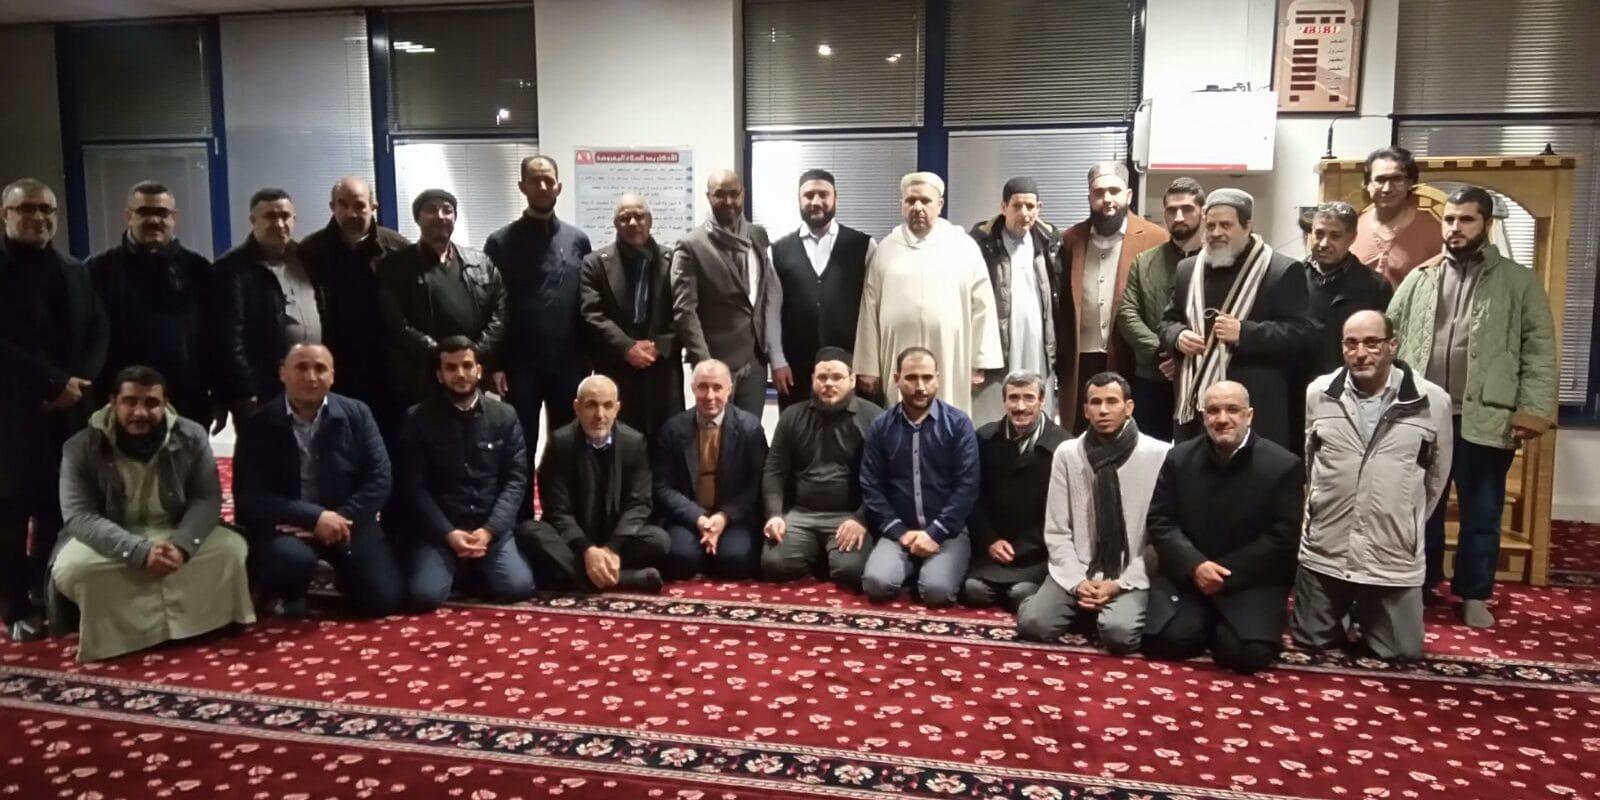 Statut des imams: le CRCM Alsace entend garder l'initiative